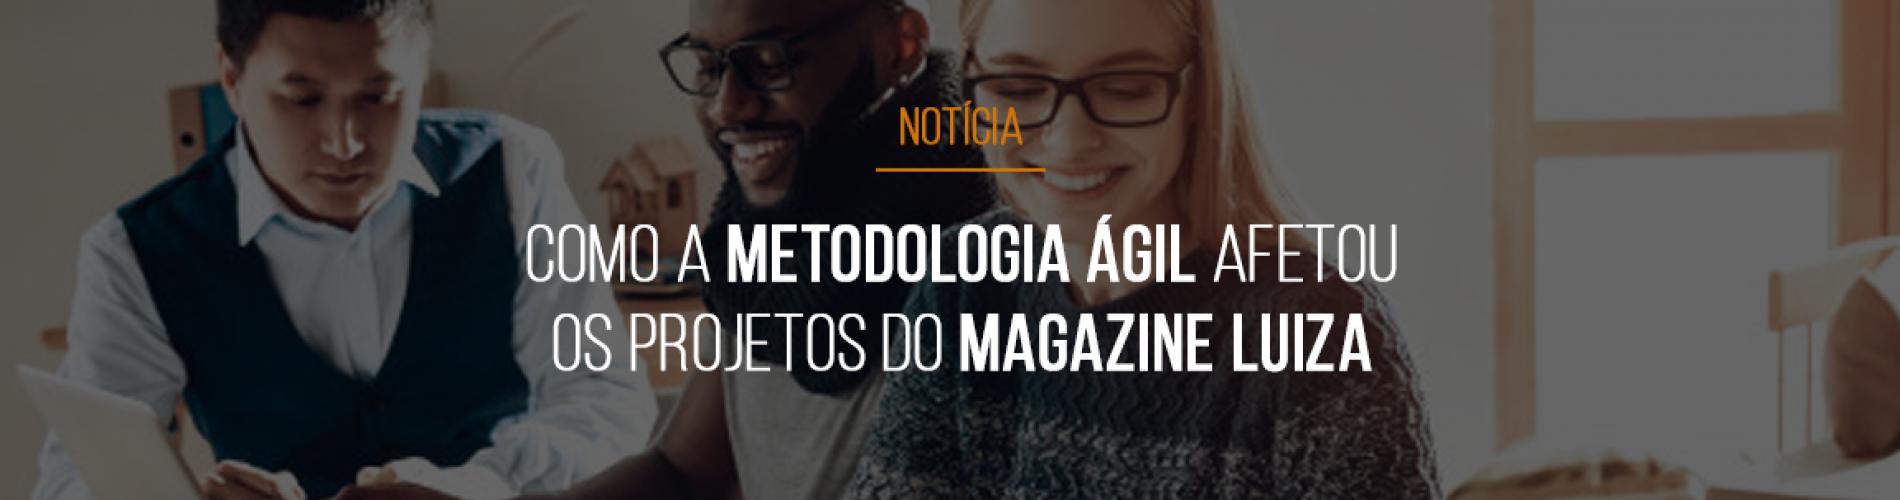 como-a-metodologia-agil-afetou-os-projetos-do-magazine-luiza